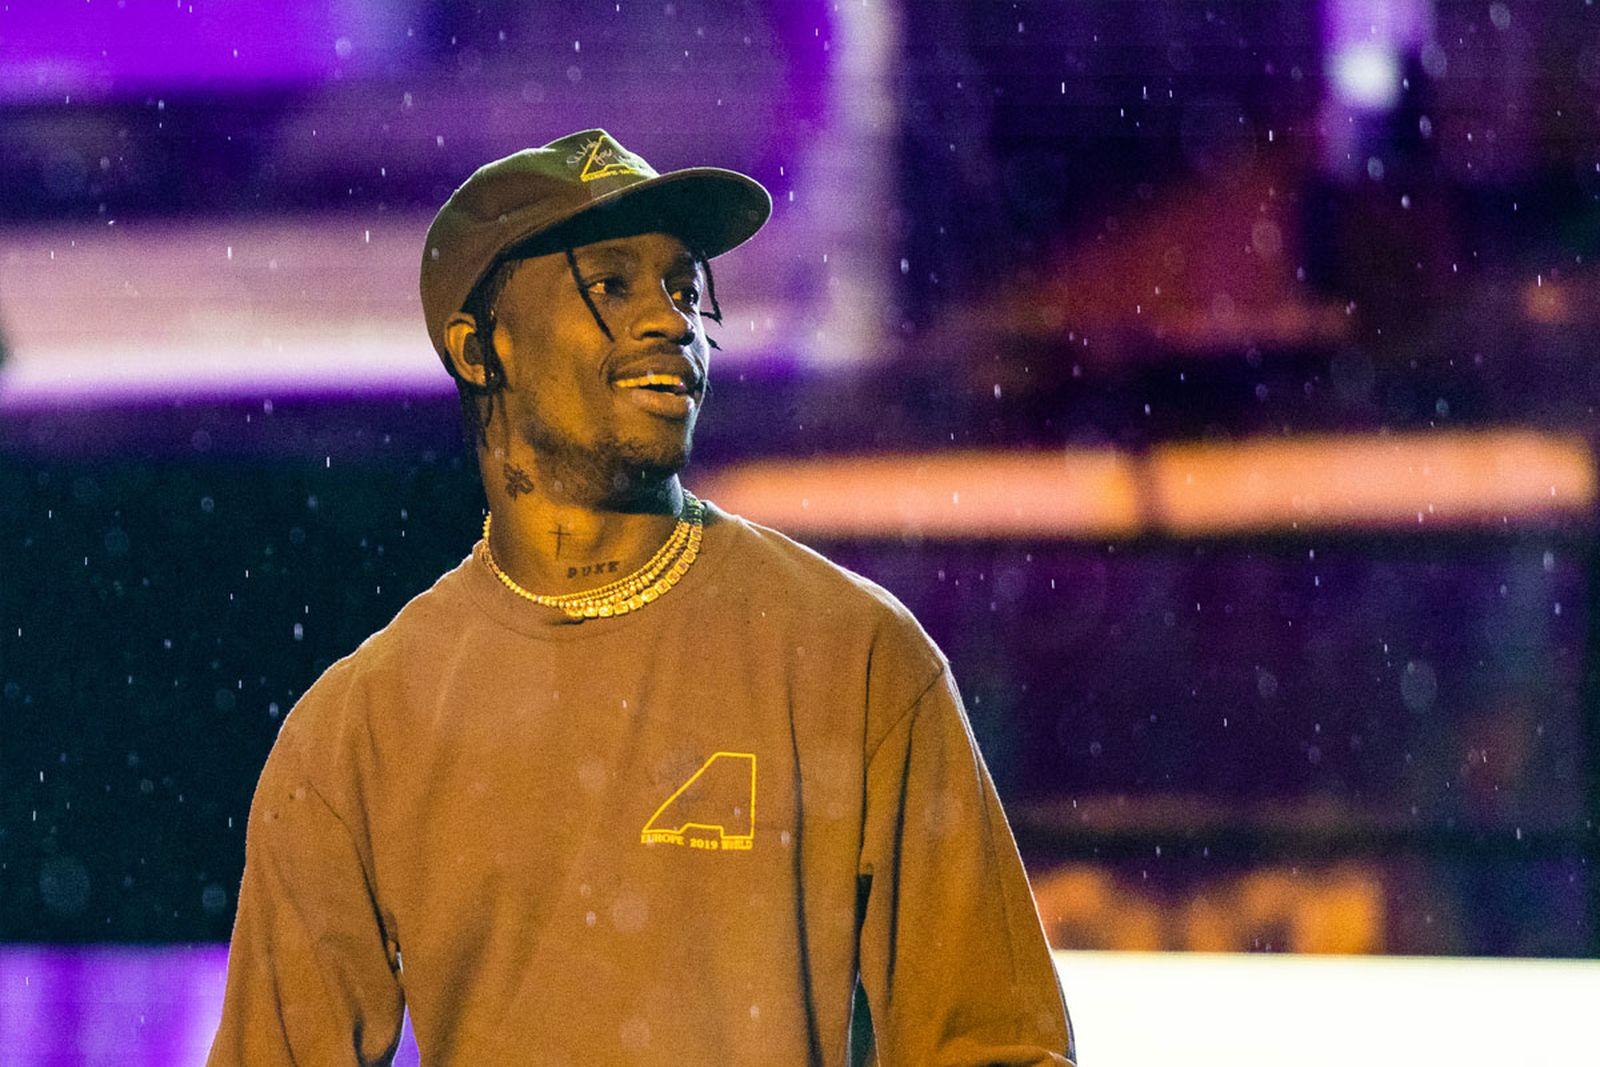 Travis Scott brown shirt cap